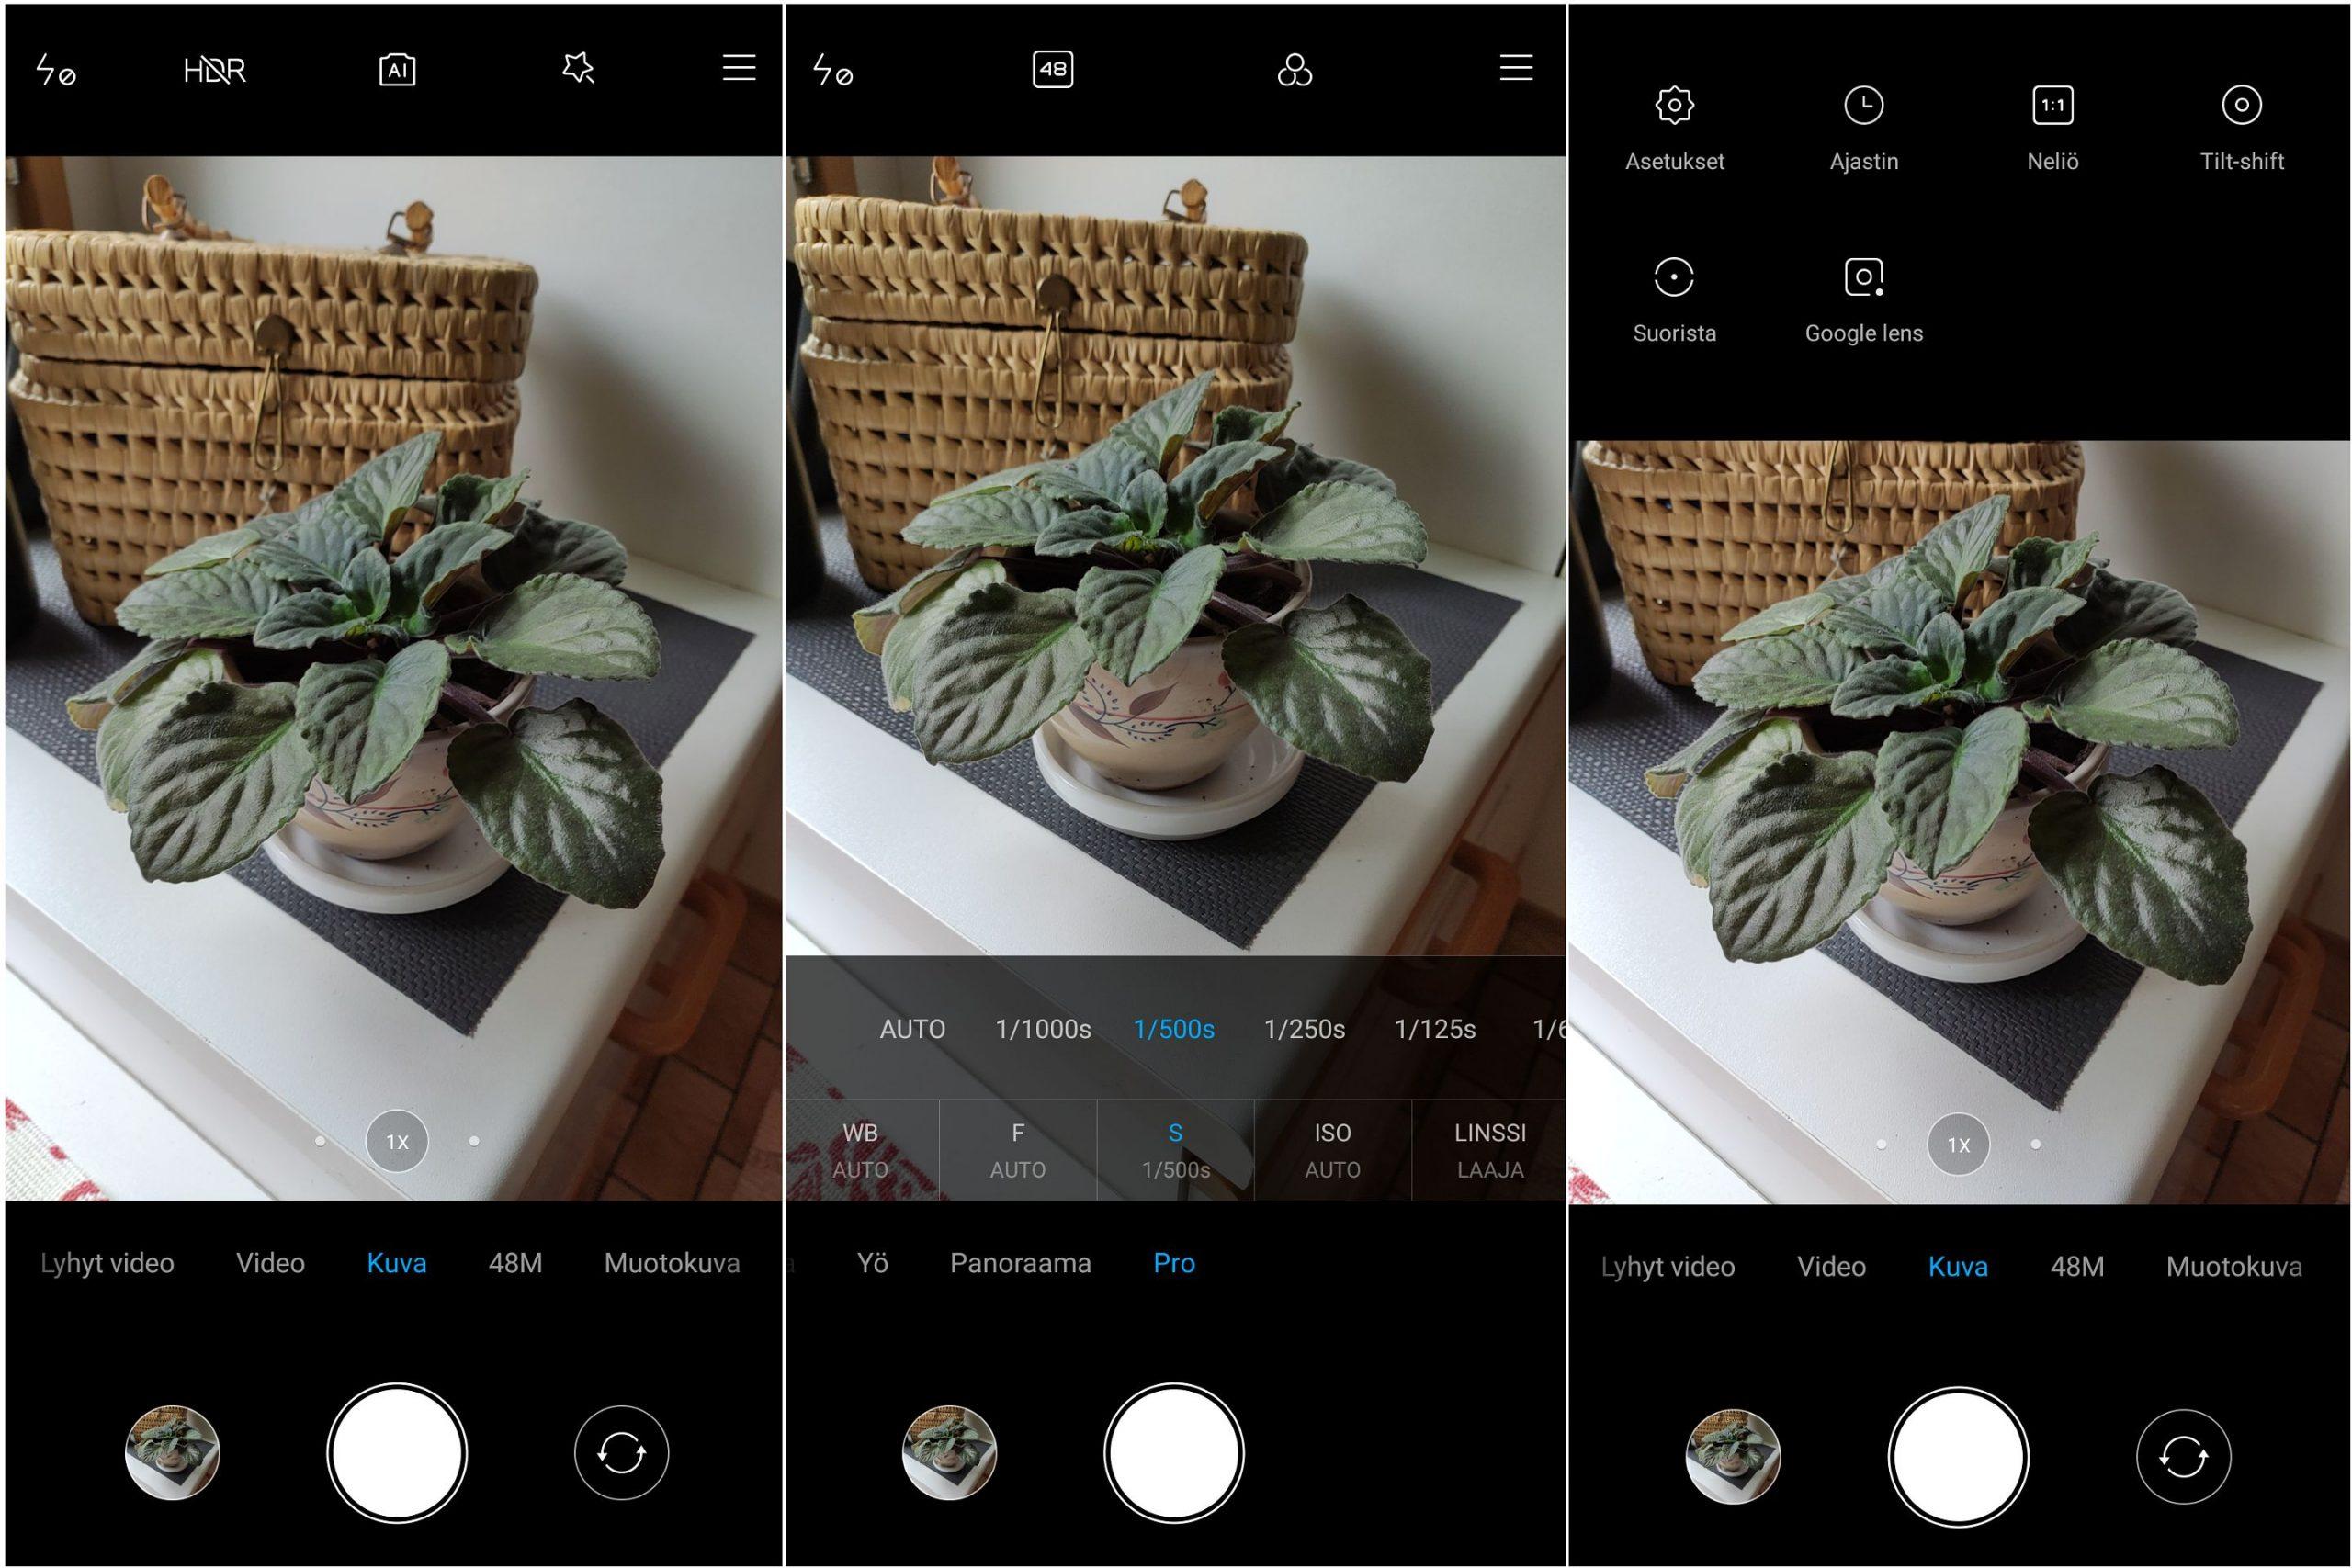 Kameran toimiva käyttöliittymä on muista Xiaomi-malleista tuttu.